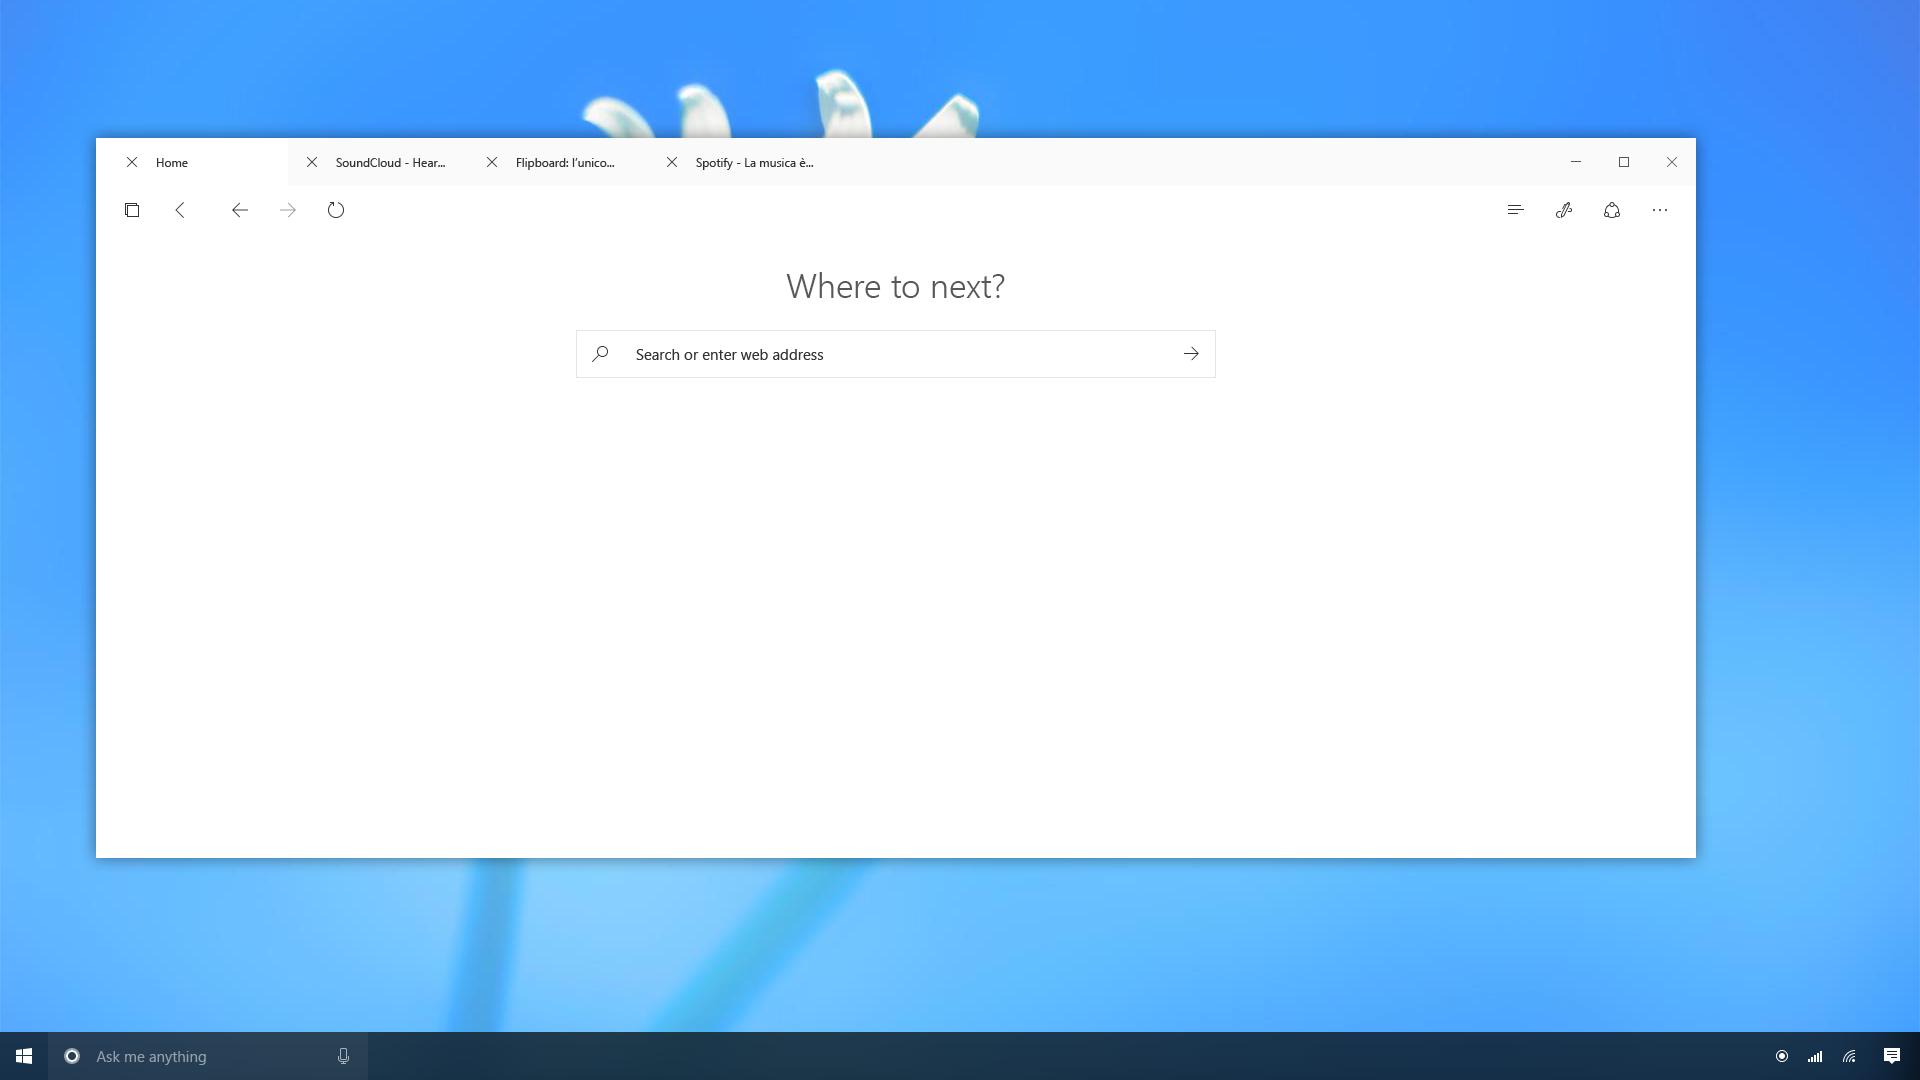 Microsoft Edge - Windows 10 Project Neon Concept